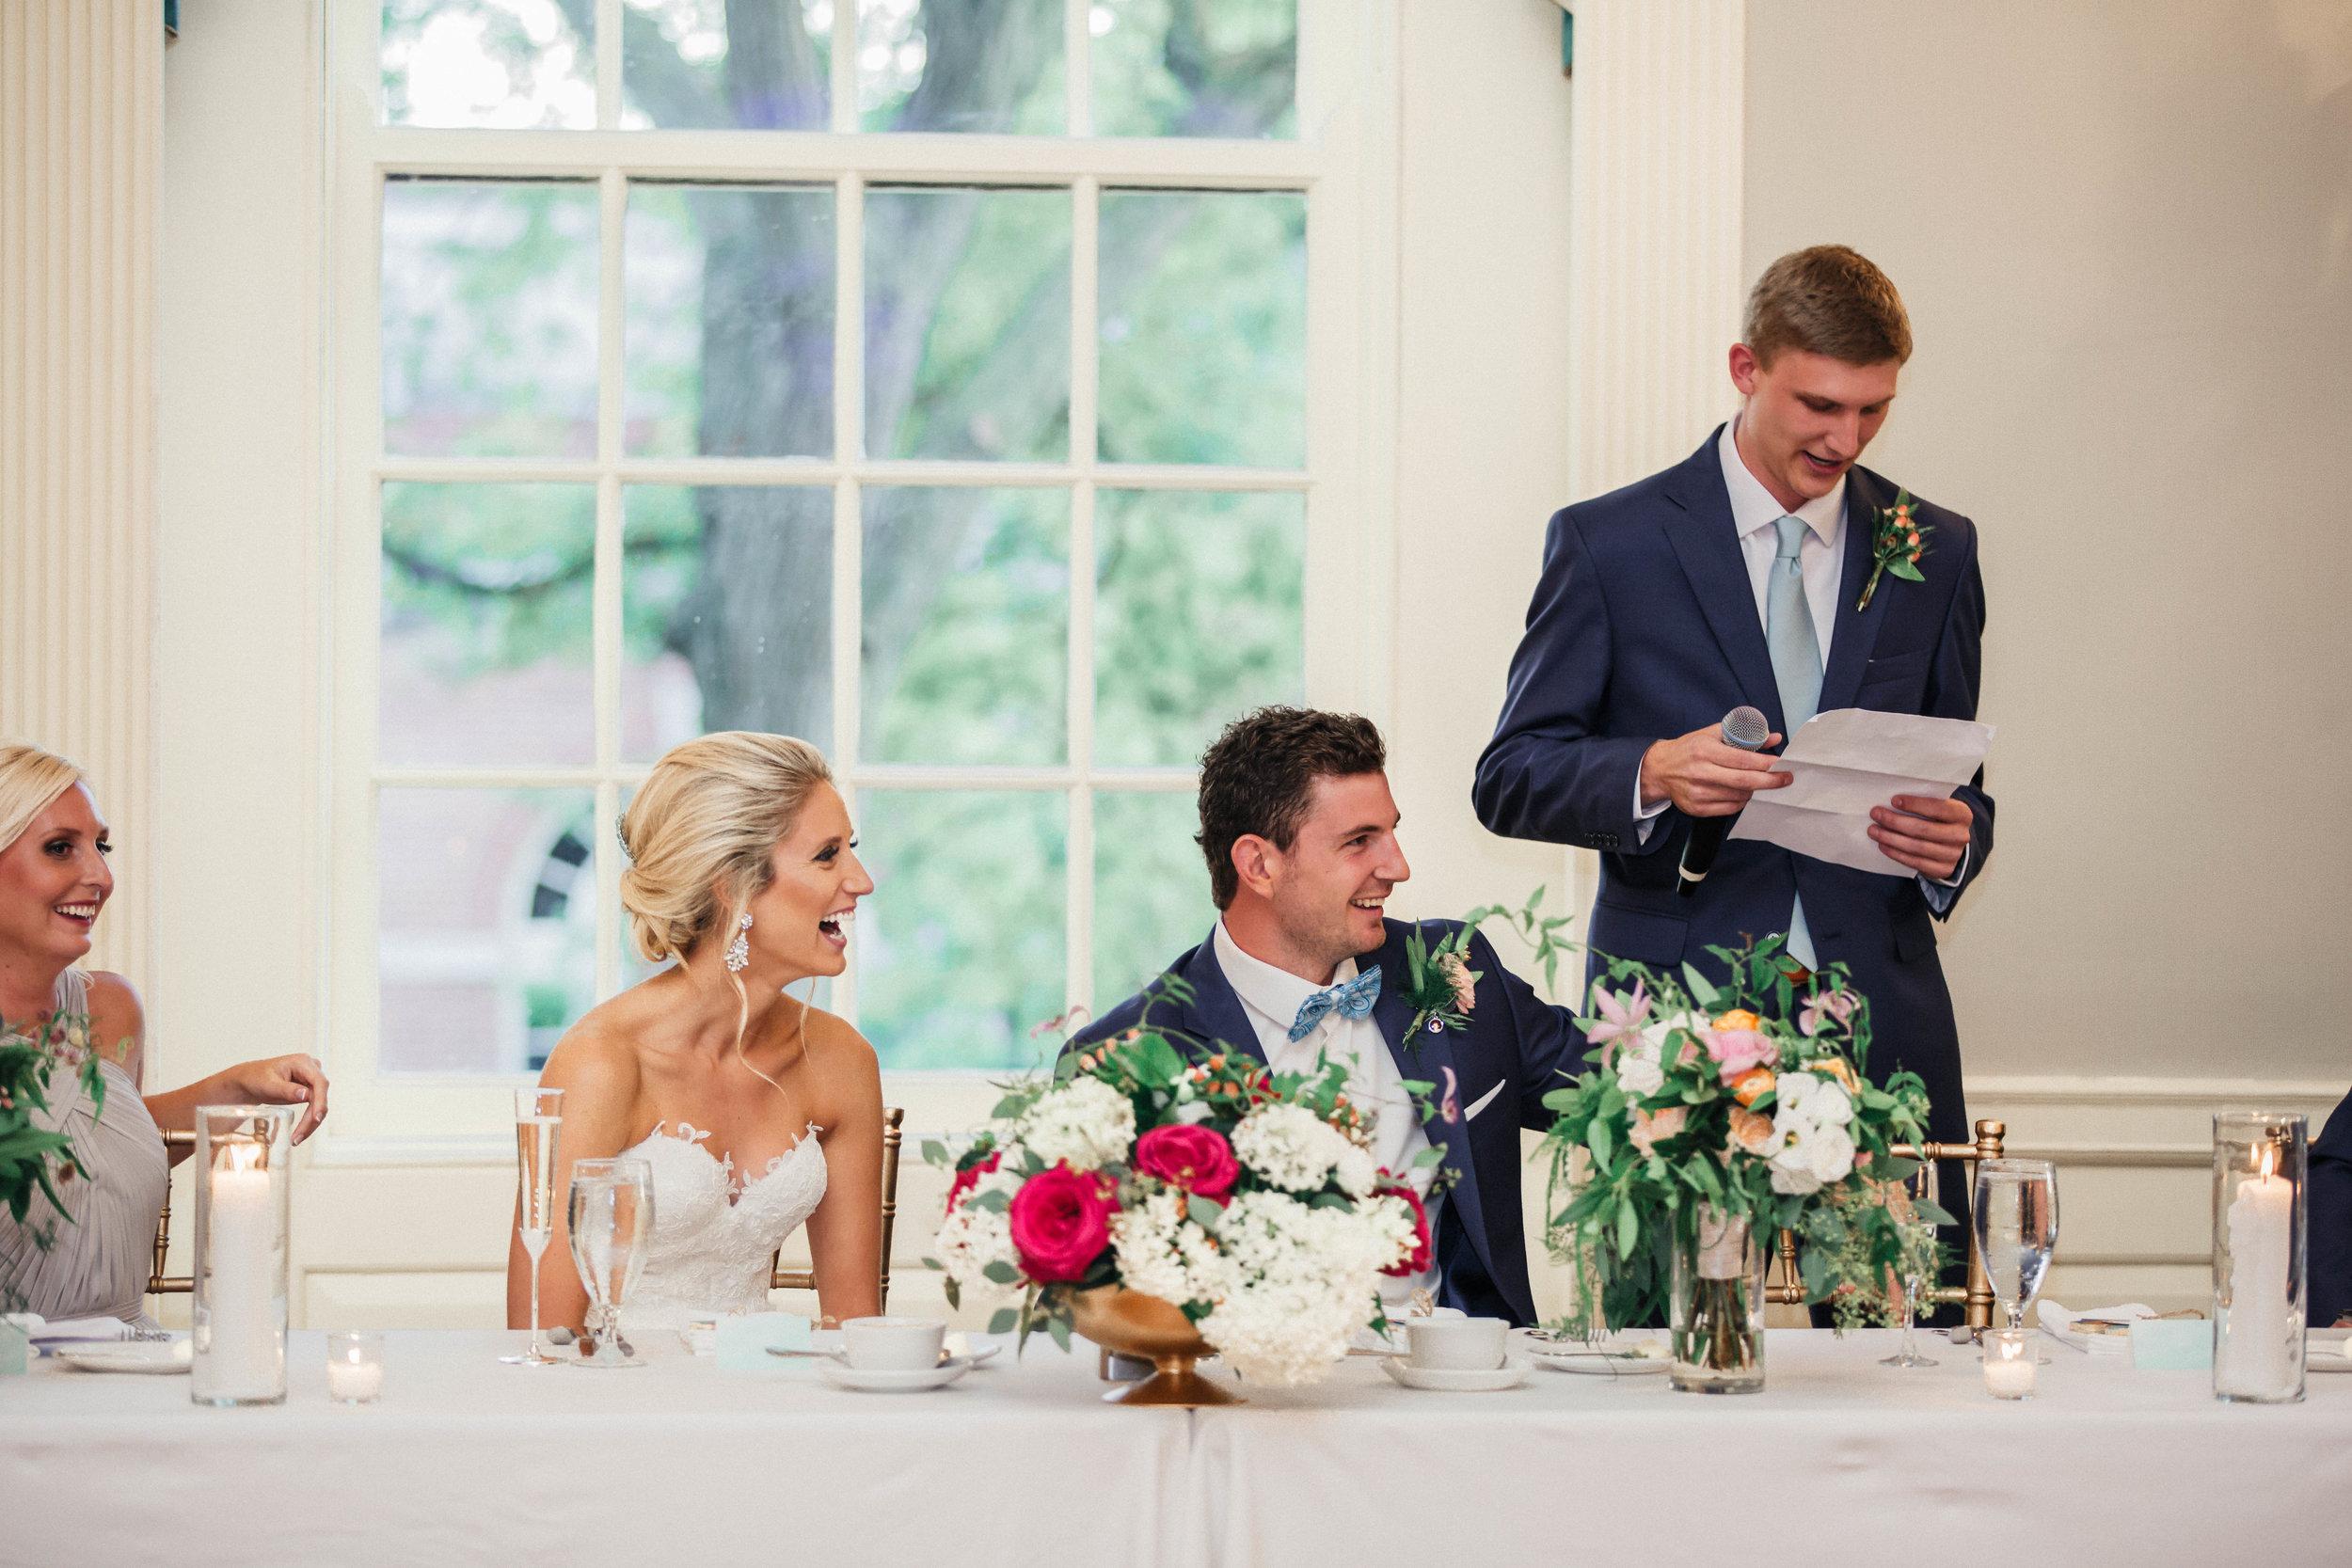 Nicole_Marie_Photography_Luxury_Wedding_Photographer-675.jpg